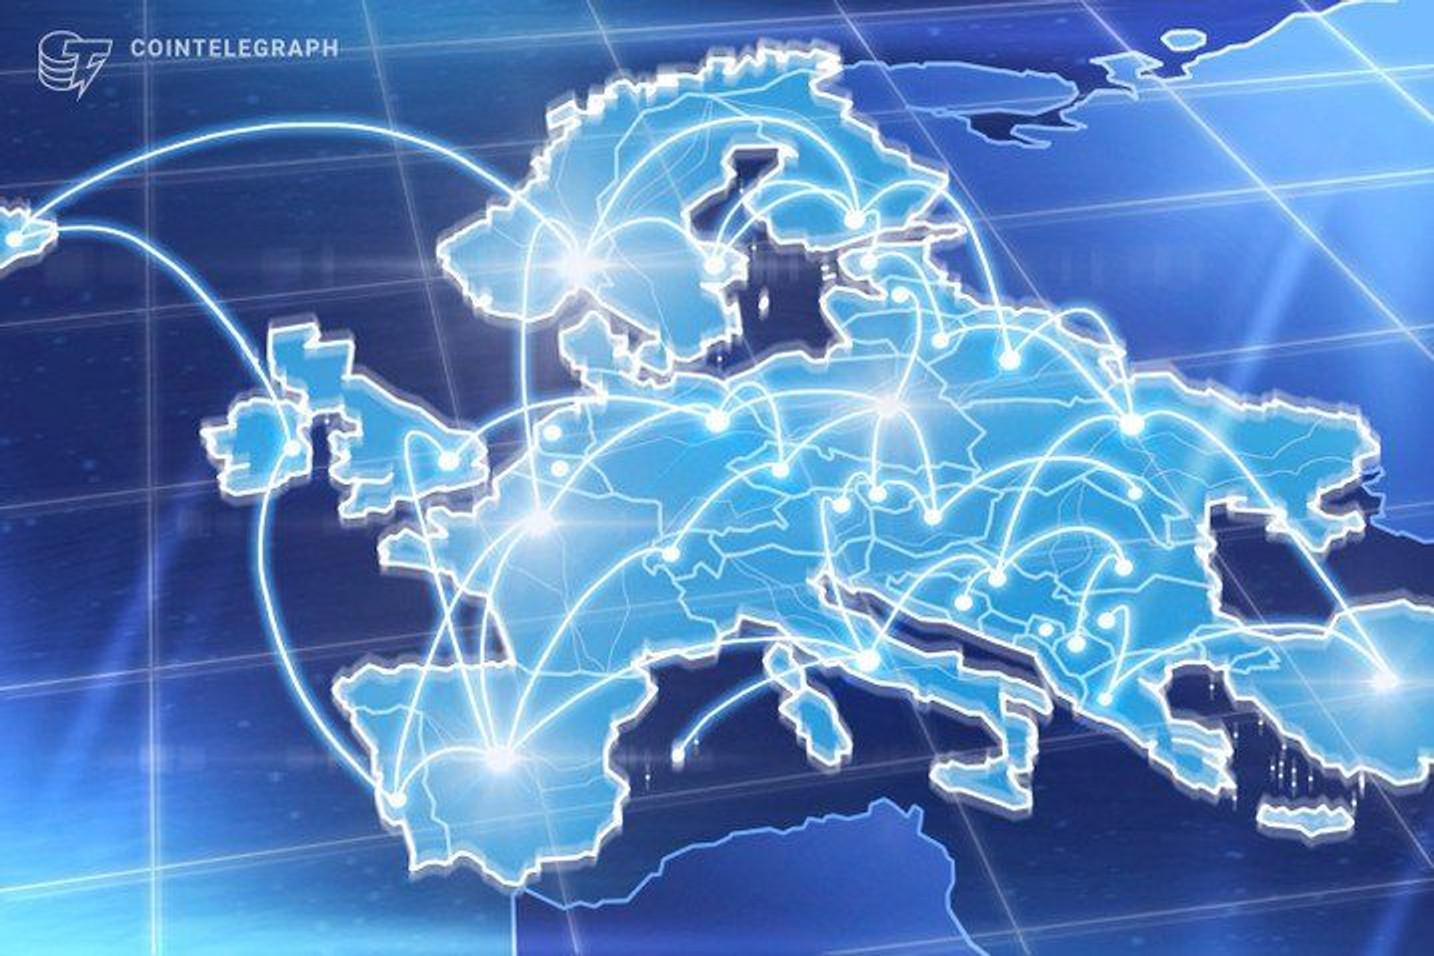 Alemania, Francia, Italia, España y Holanda piden normas estrictas sobre criptomonedas a la Comisión Europea